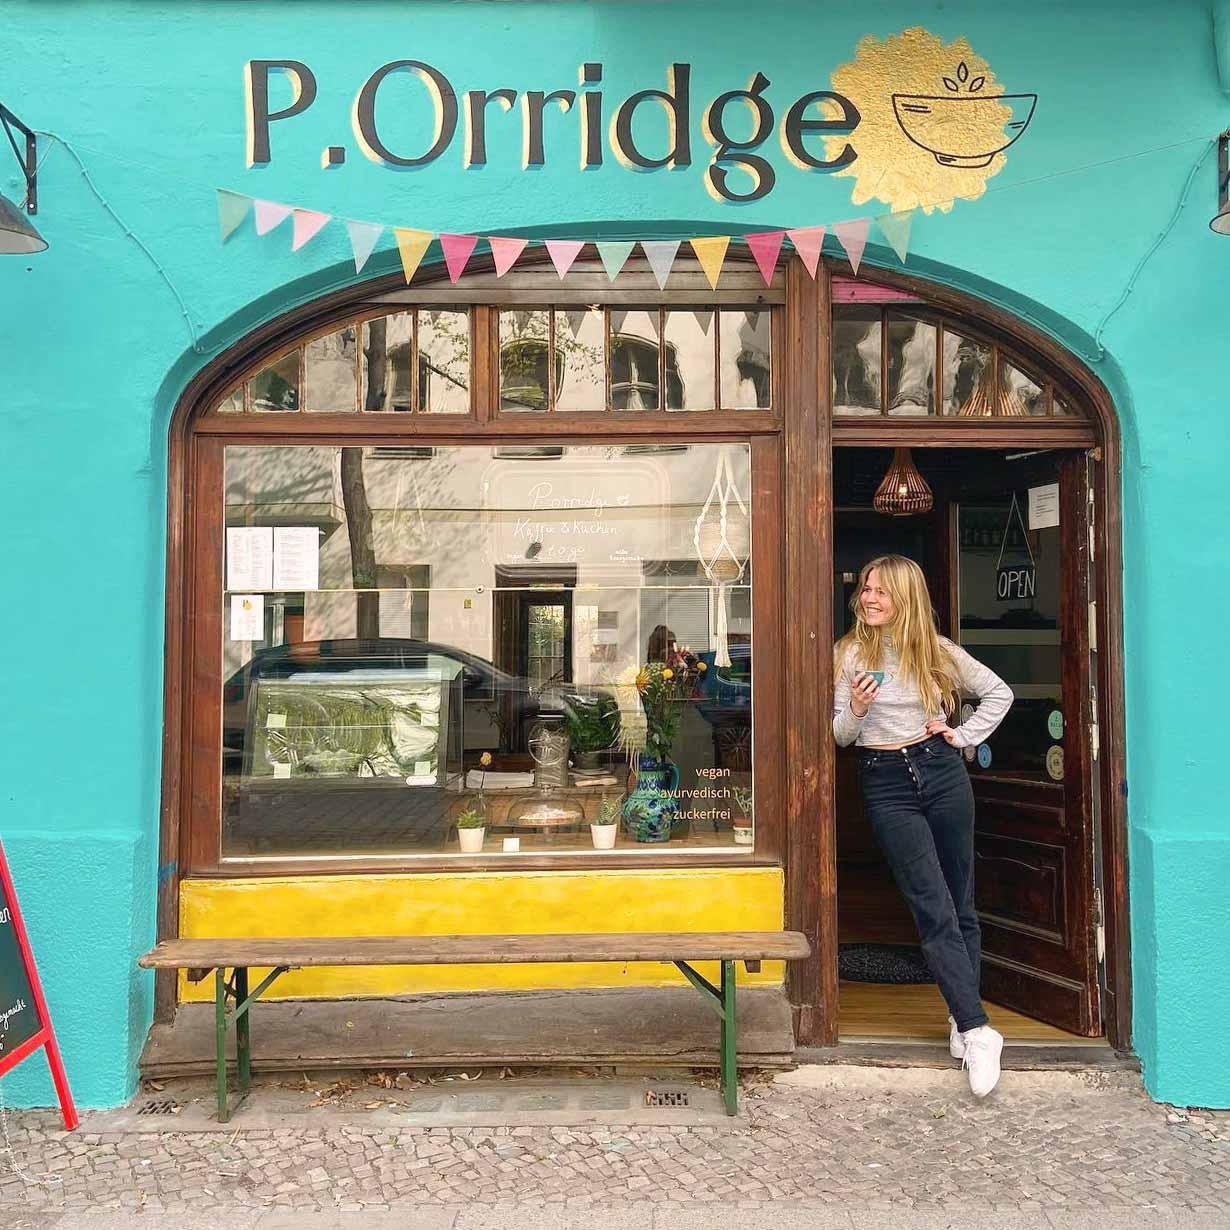 P.Orridge Cafe Berlin Eingang